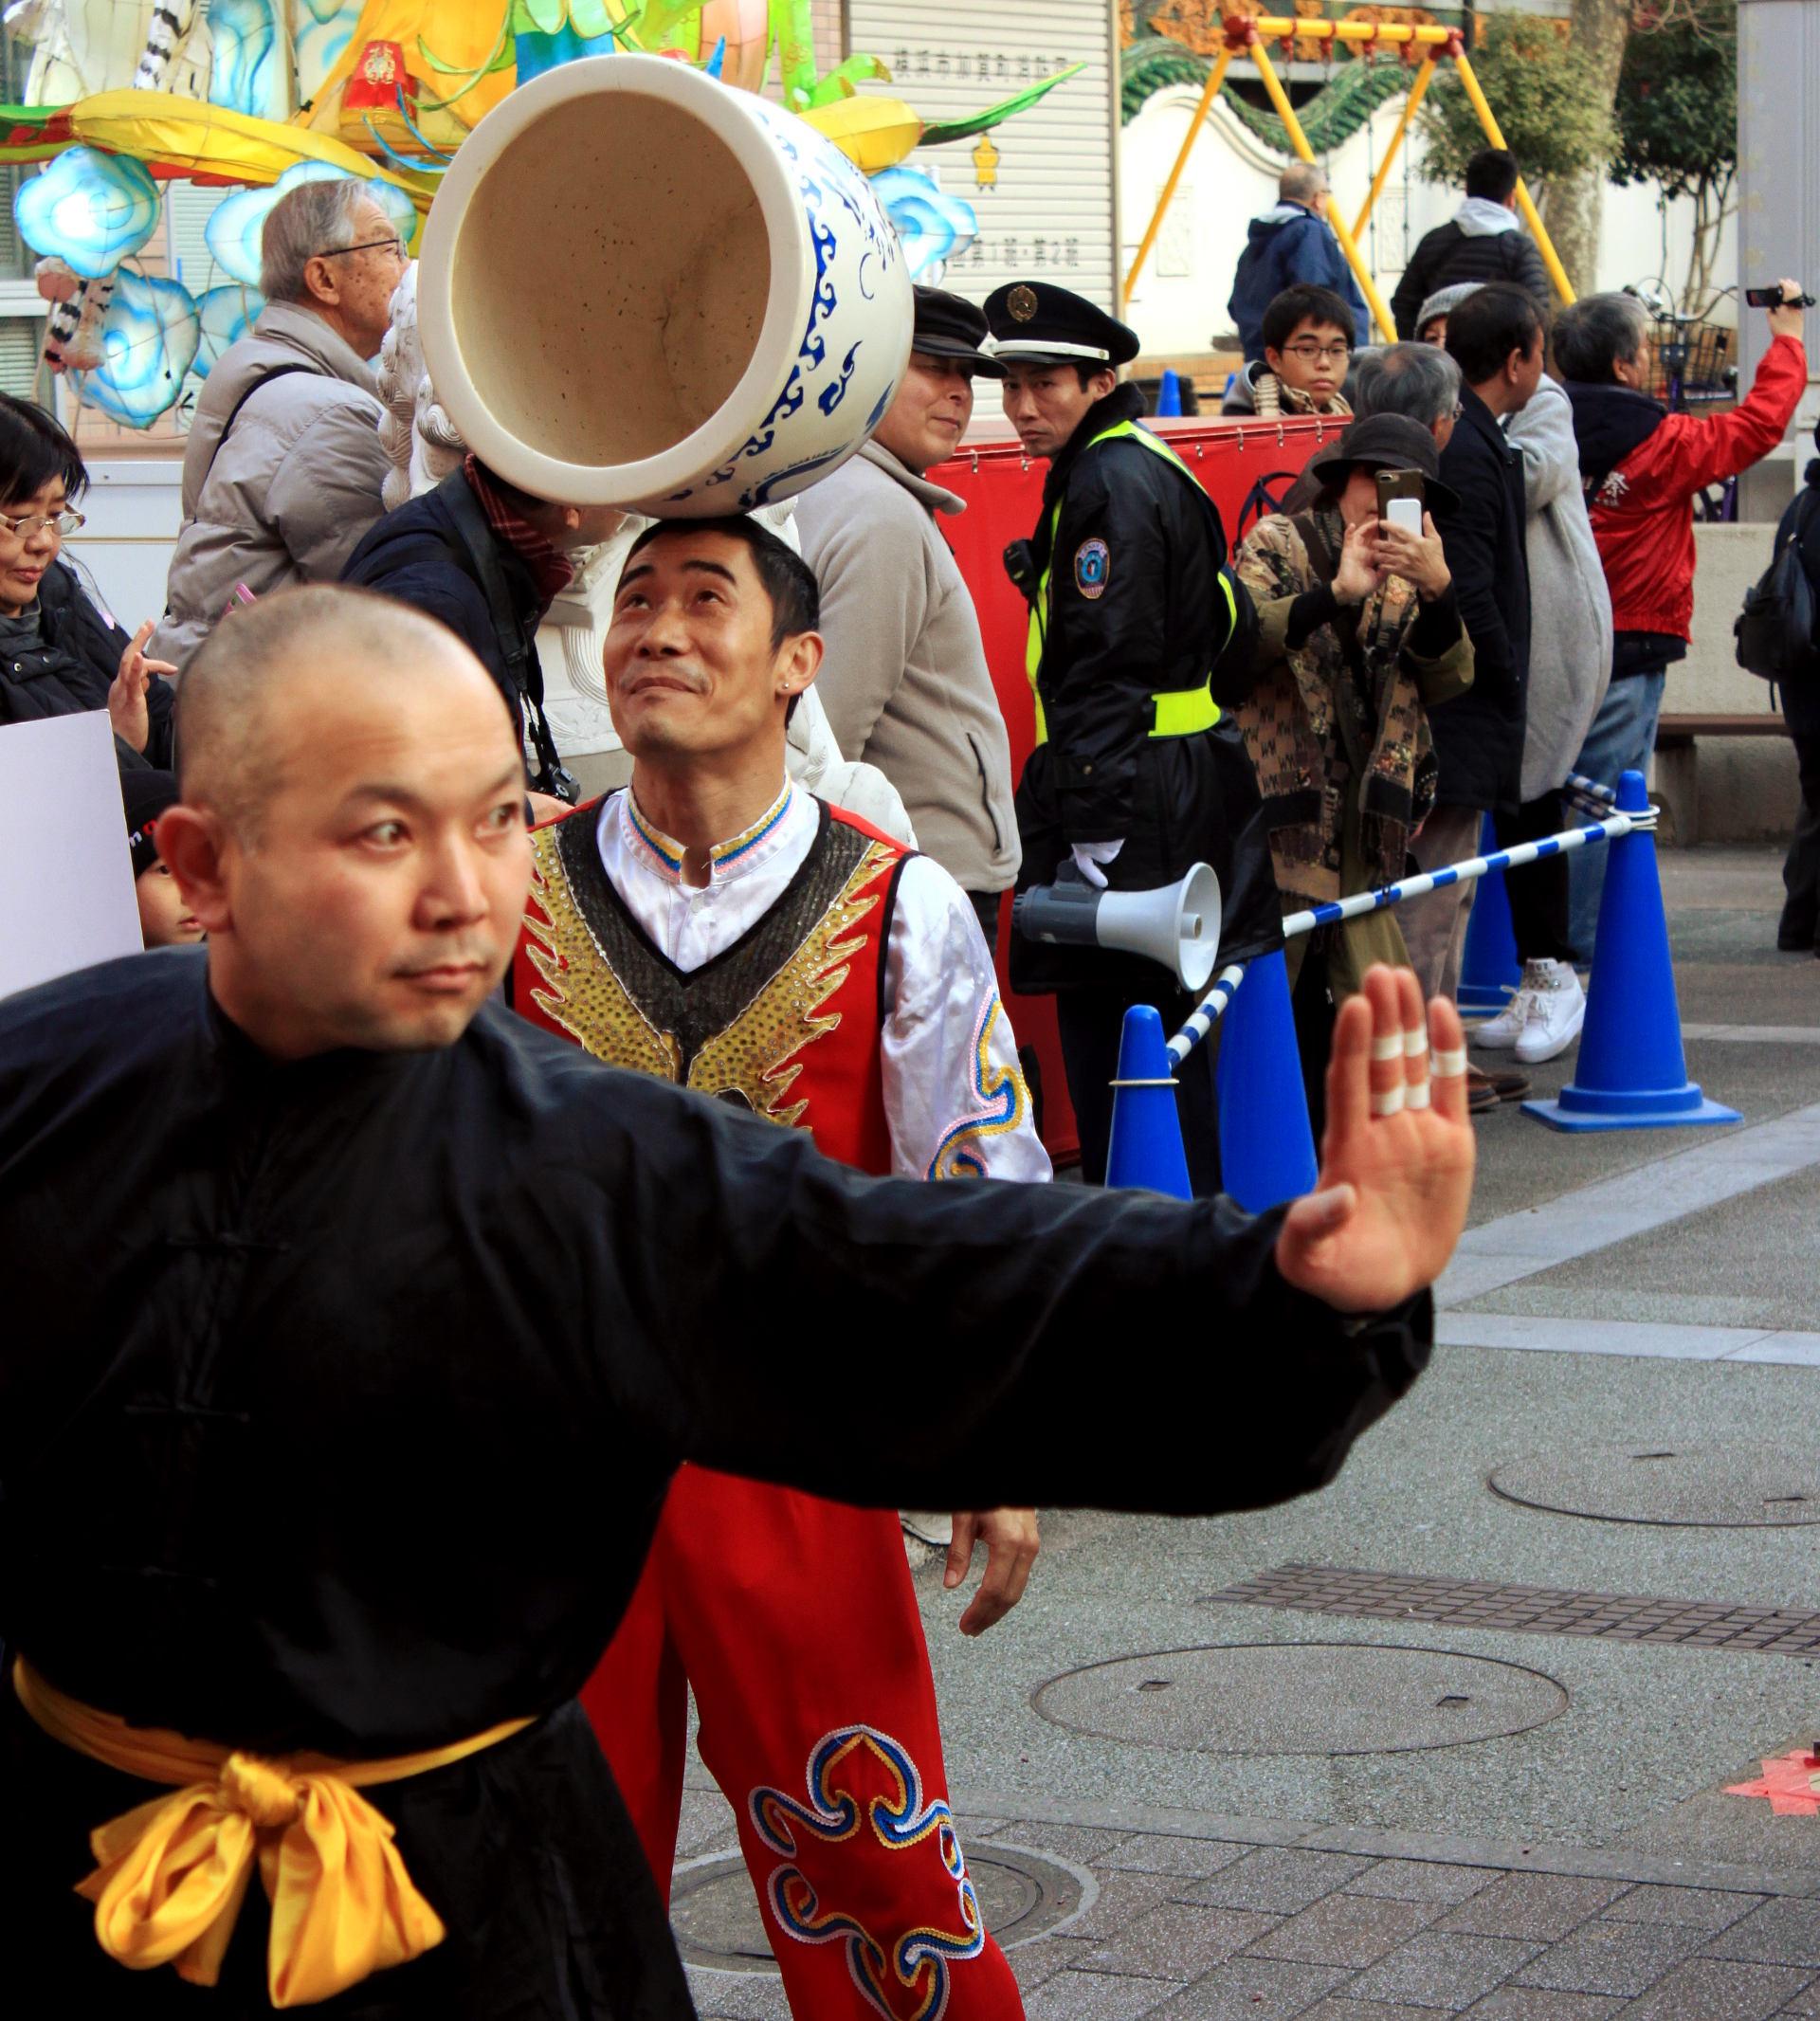 yokohama święto nowy rok parada chinatown chinska dzielnica iglawpodrozy